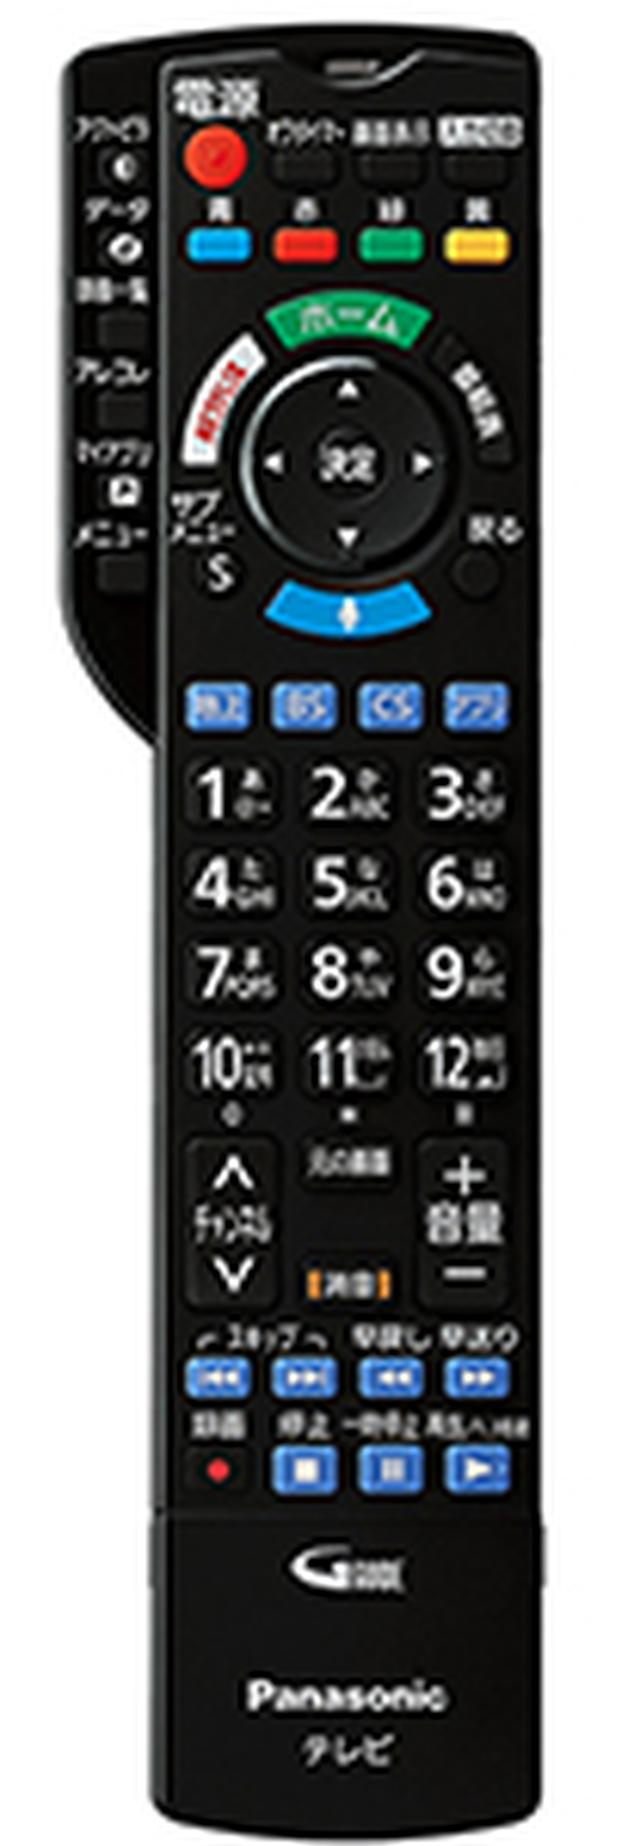 画像: 「アレコレ」ボタンを押すと、放送番組や録画番組、ネット動画を一覧表示してくれ、見たい番組が探しやすい。